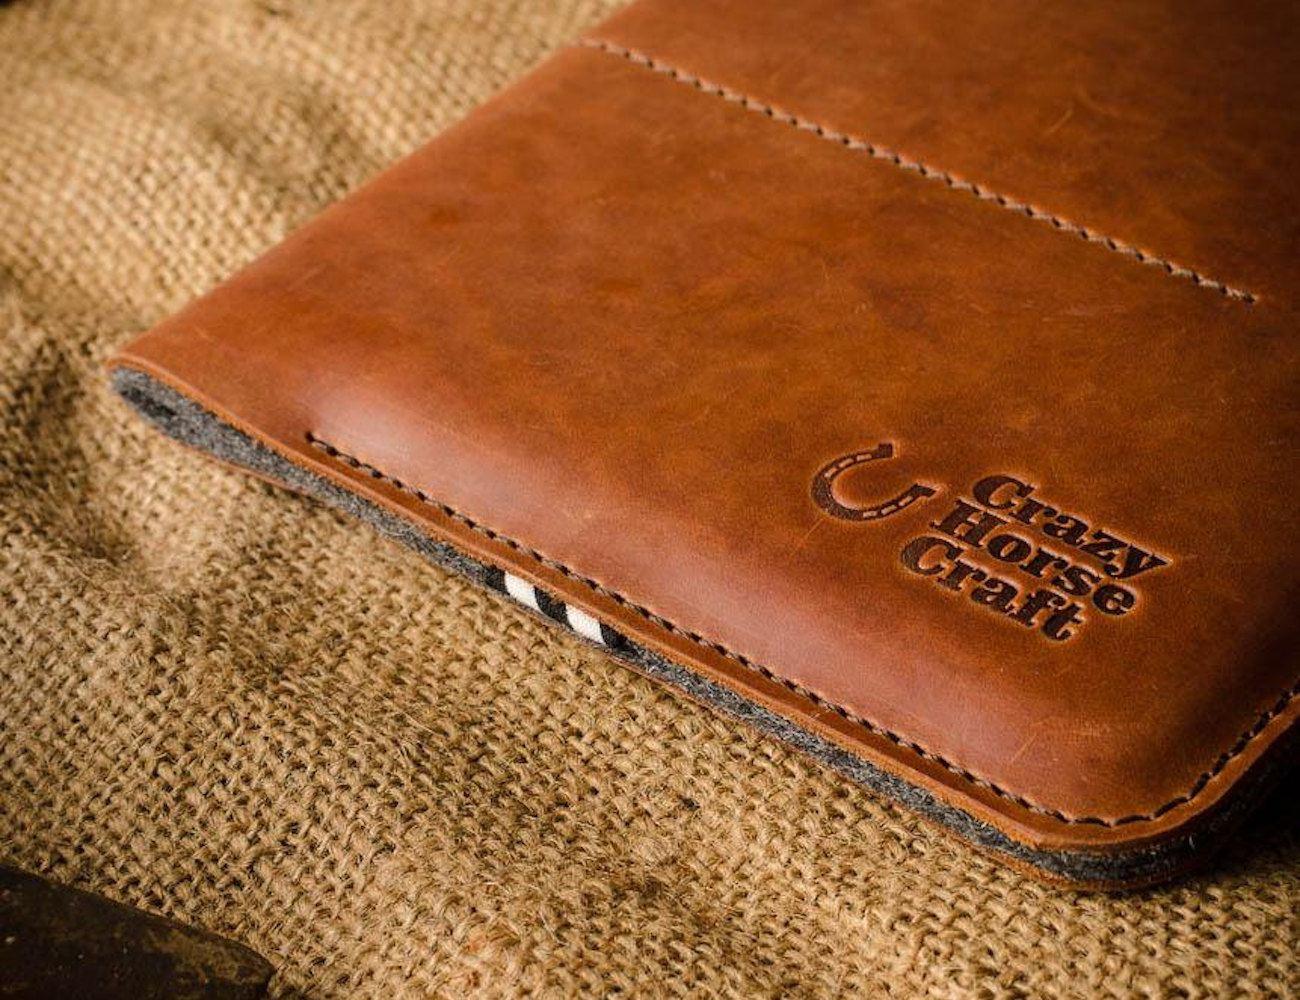 CrazyHorse Leather iPad Pro Sleeve